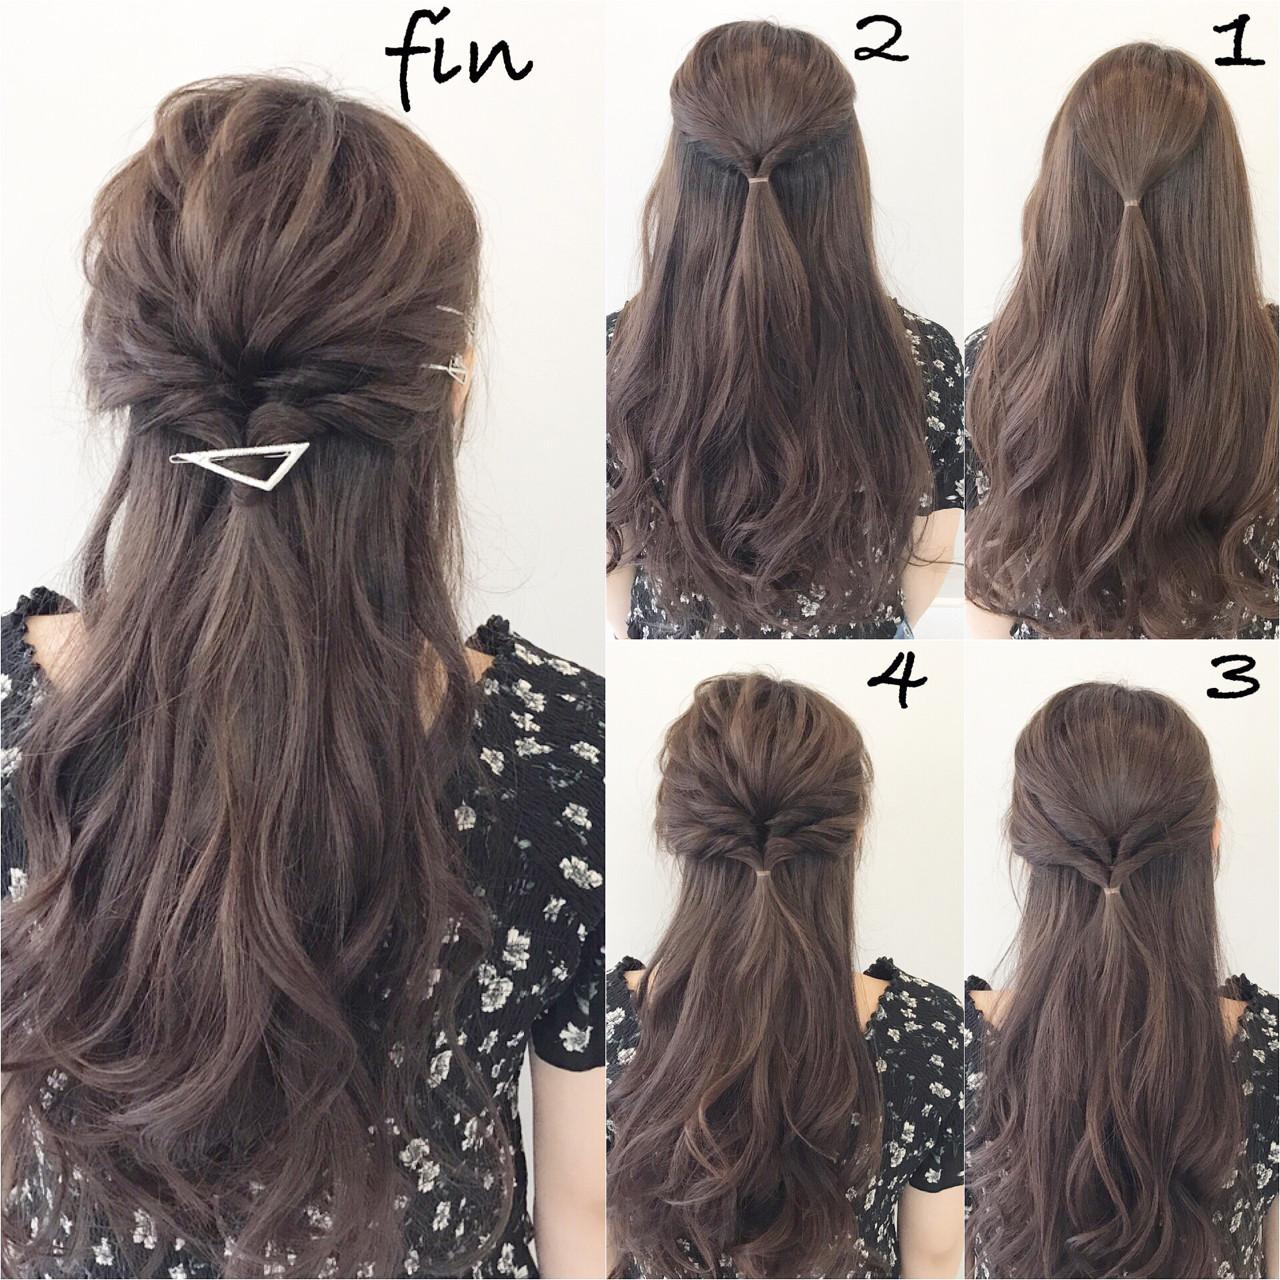 1、トップの部分を結びます! 2、サイドの髪を半分持ってきて1の結び目の位置でくるりんぱします! 3、サイドの残りの半分を同じ位置でくるりんぱします! 4、全体的に崩します!! ヘアアクセをつけて完成です(^^)